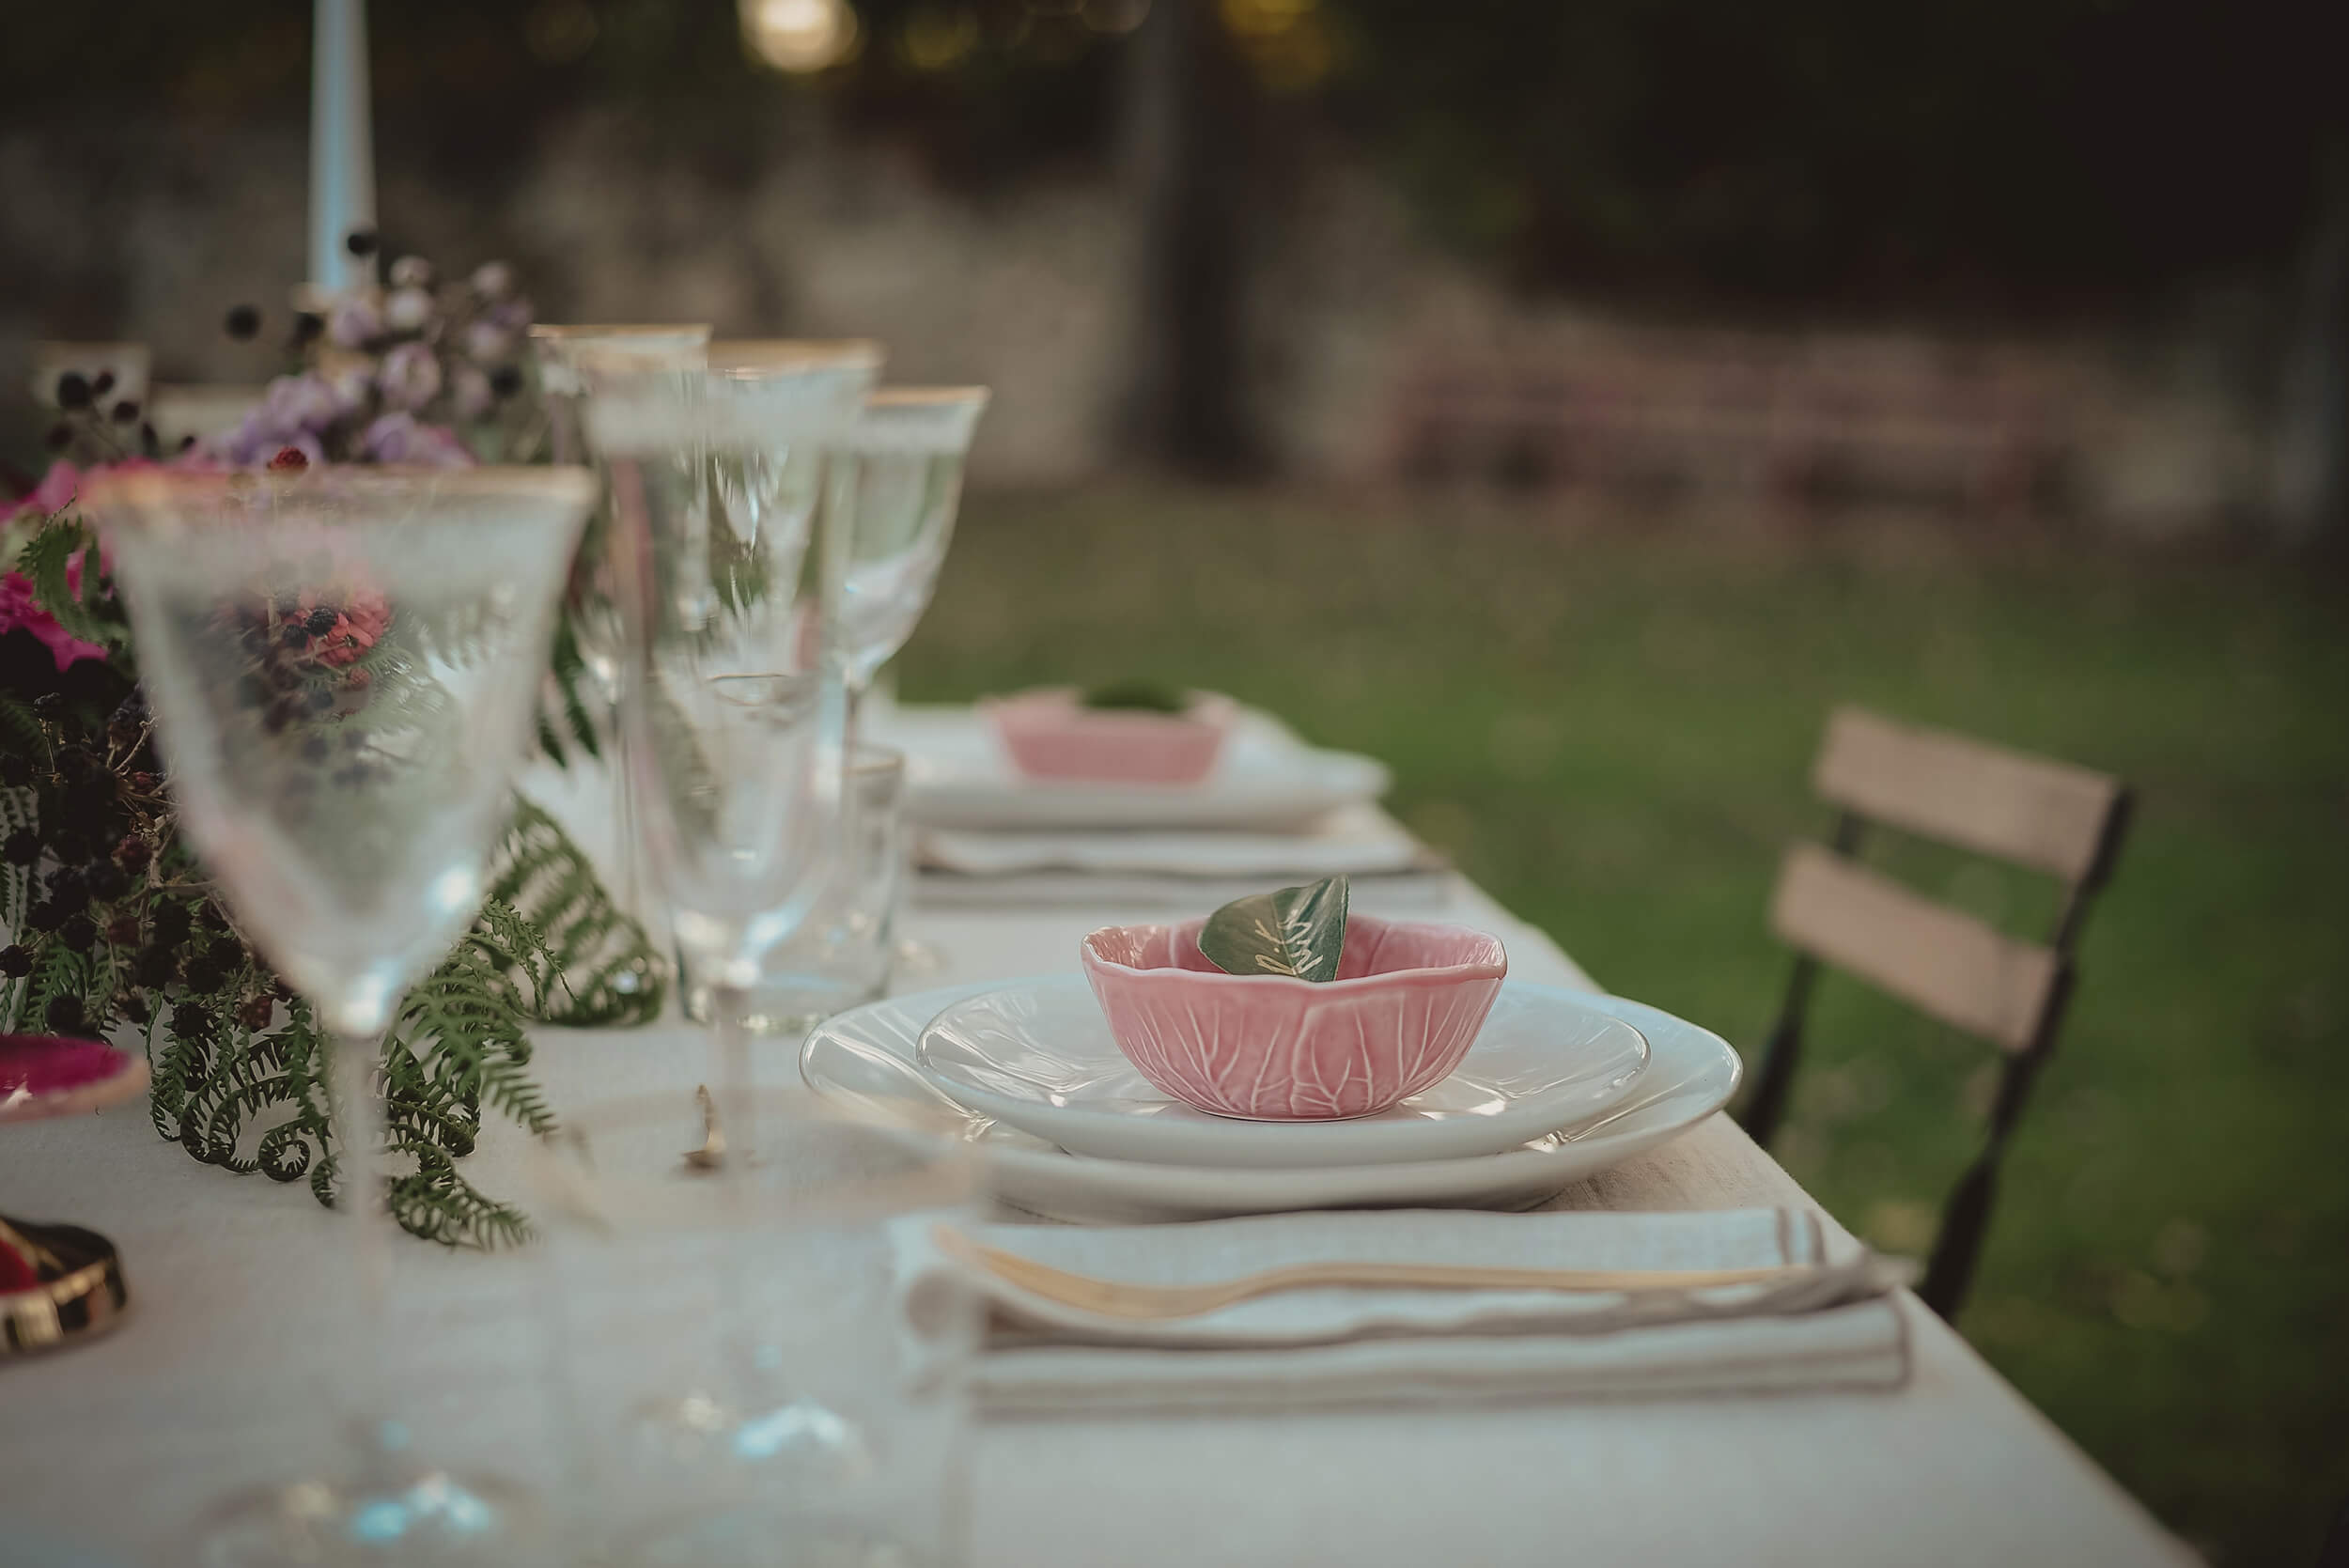 roma-organizacao-eventos-editorial-casamento-colorful-wedding-43